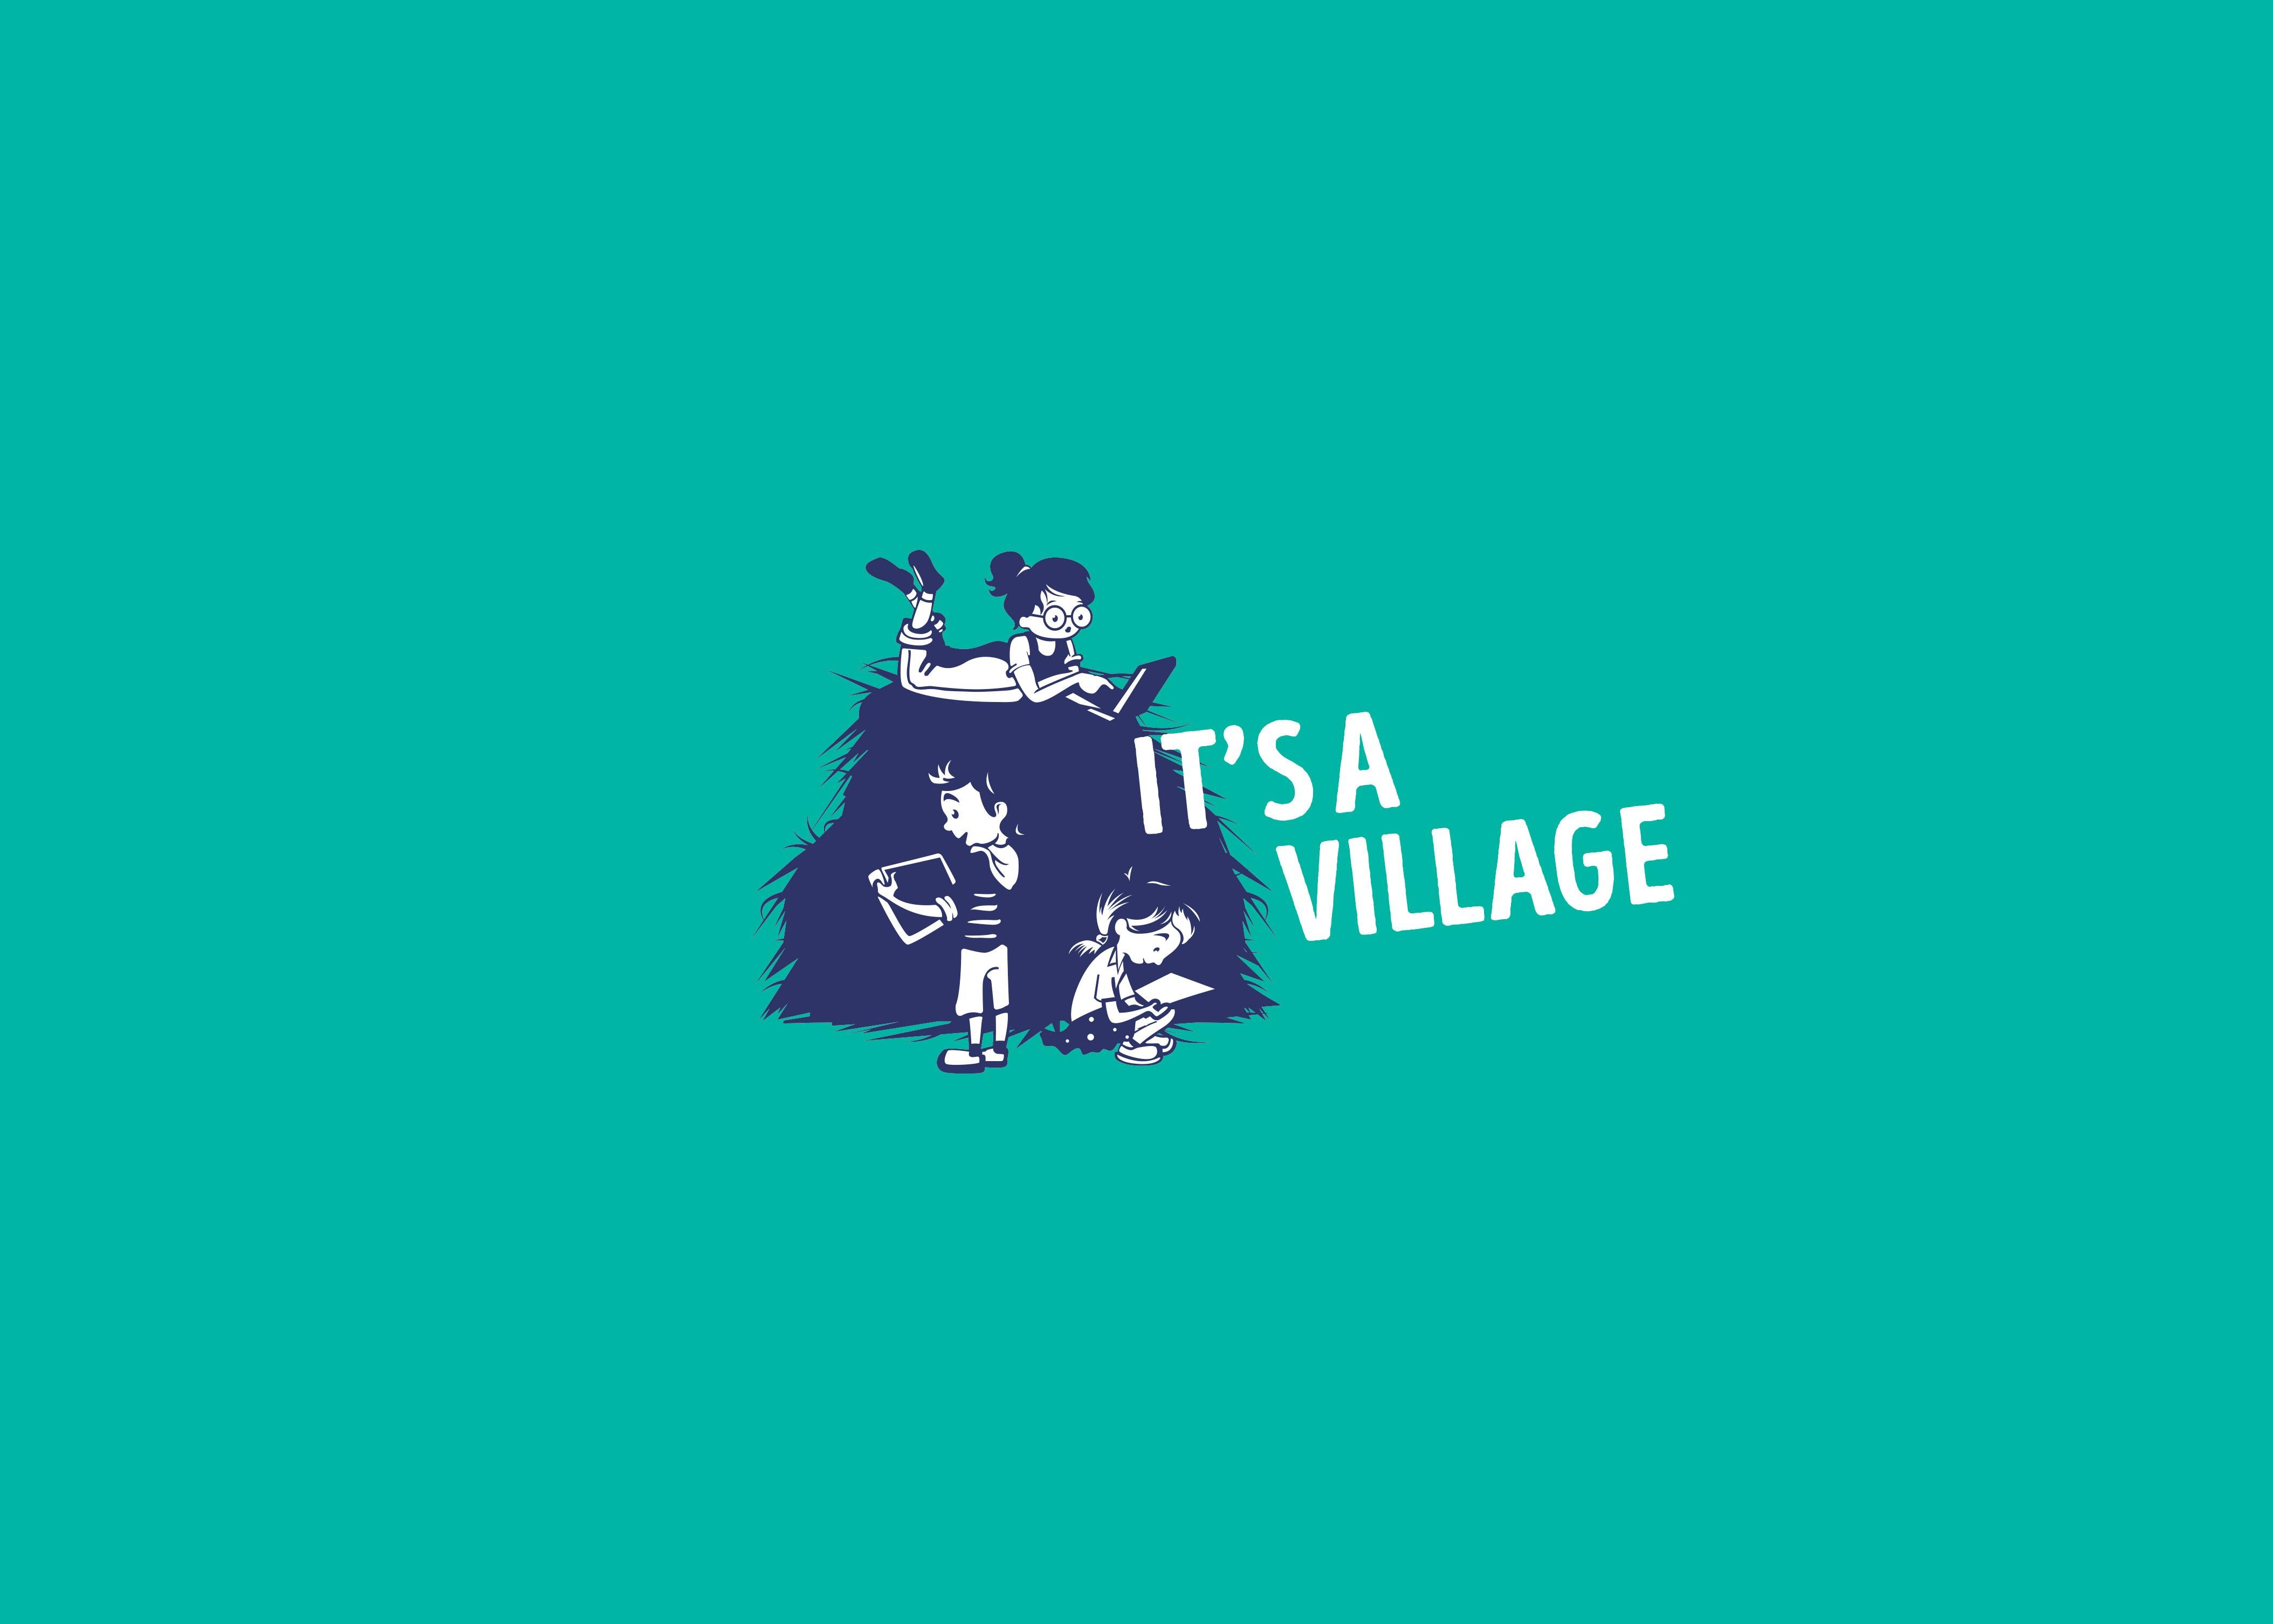 It's a village